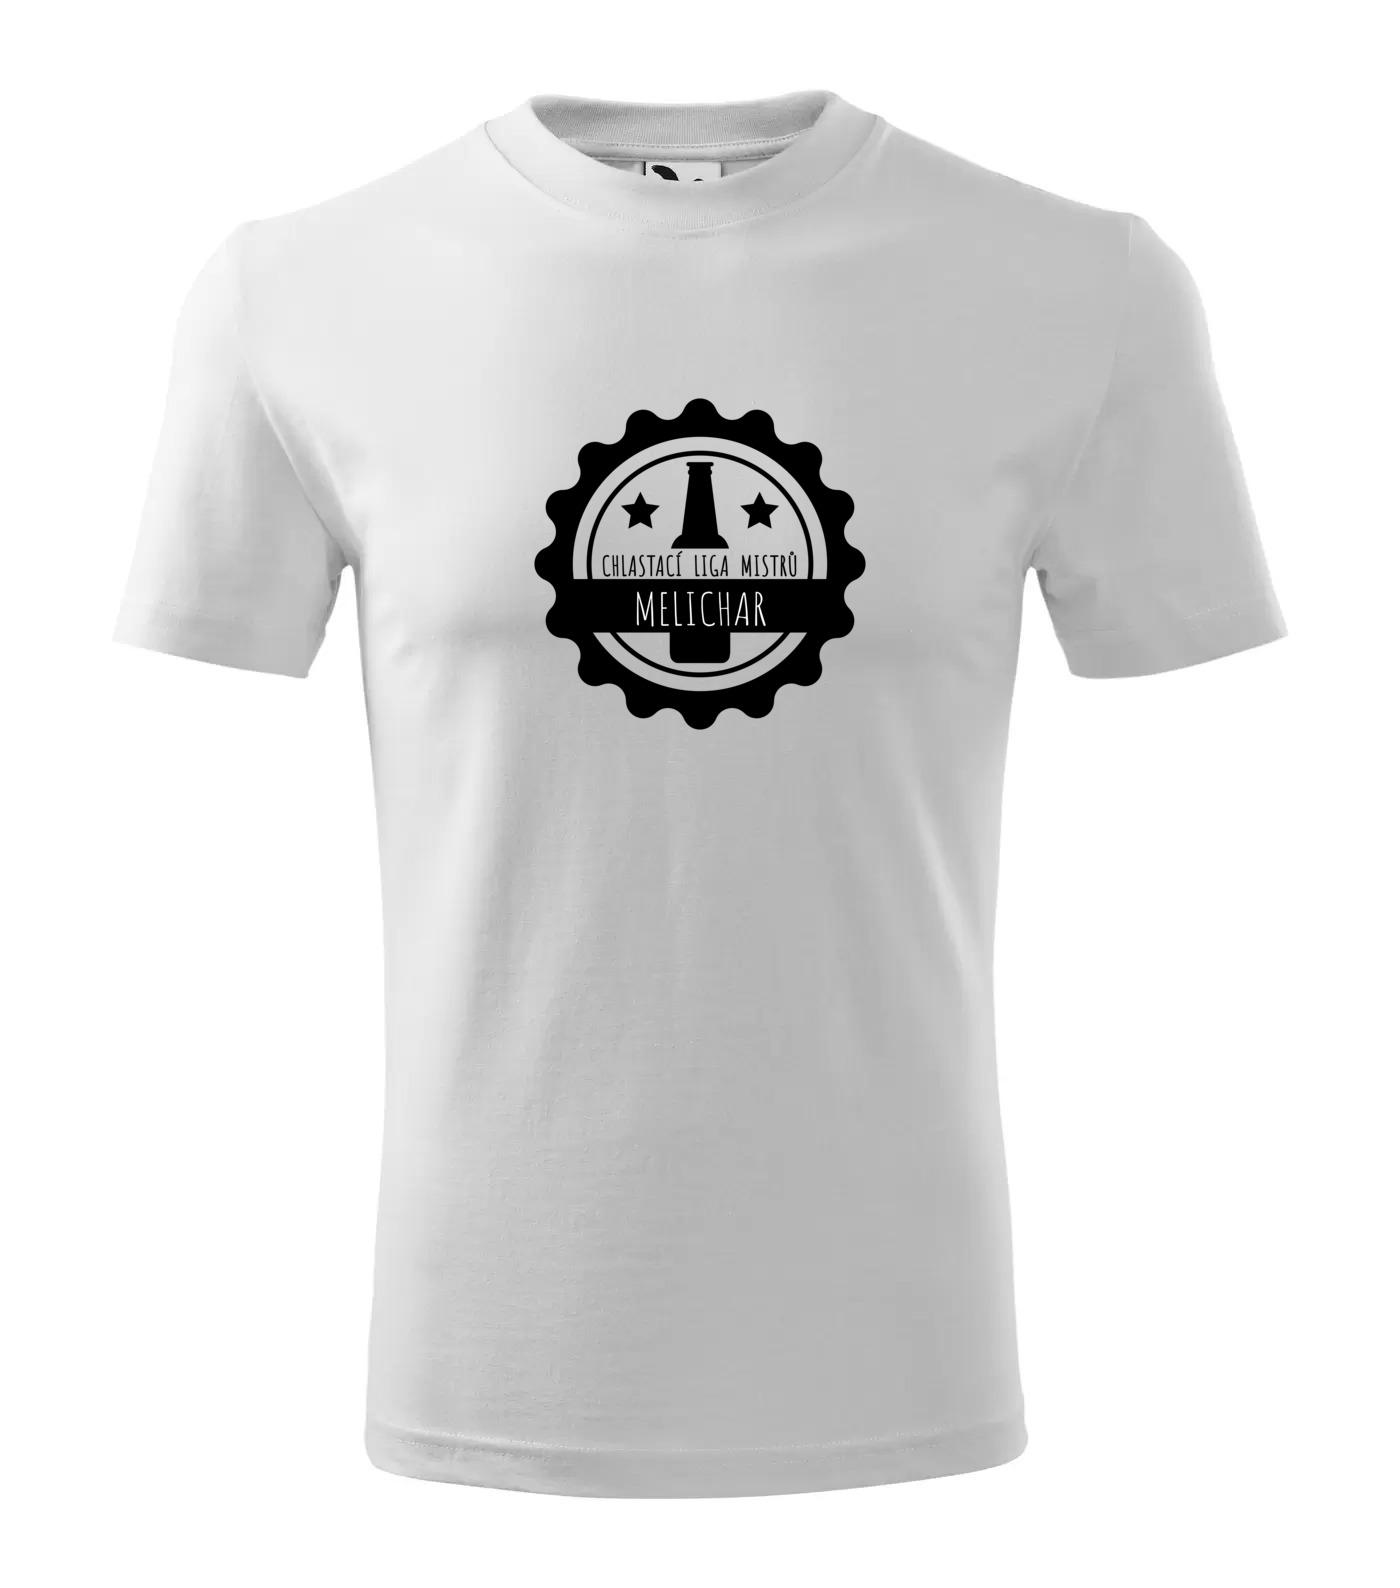 Tričko Chlastací liga mužů Melichar